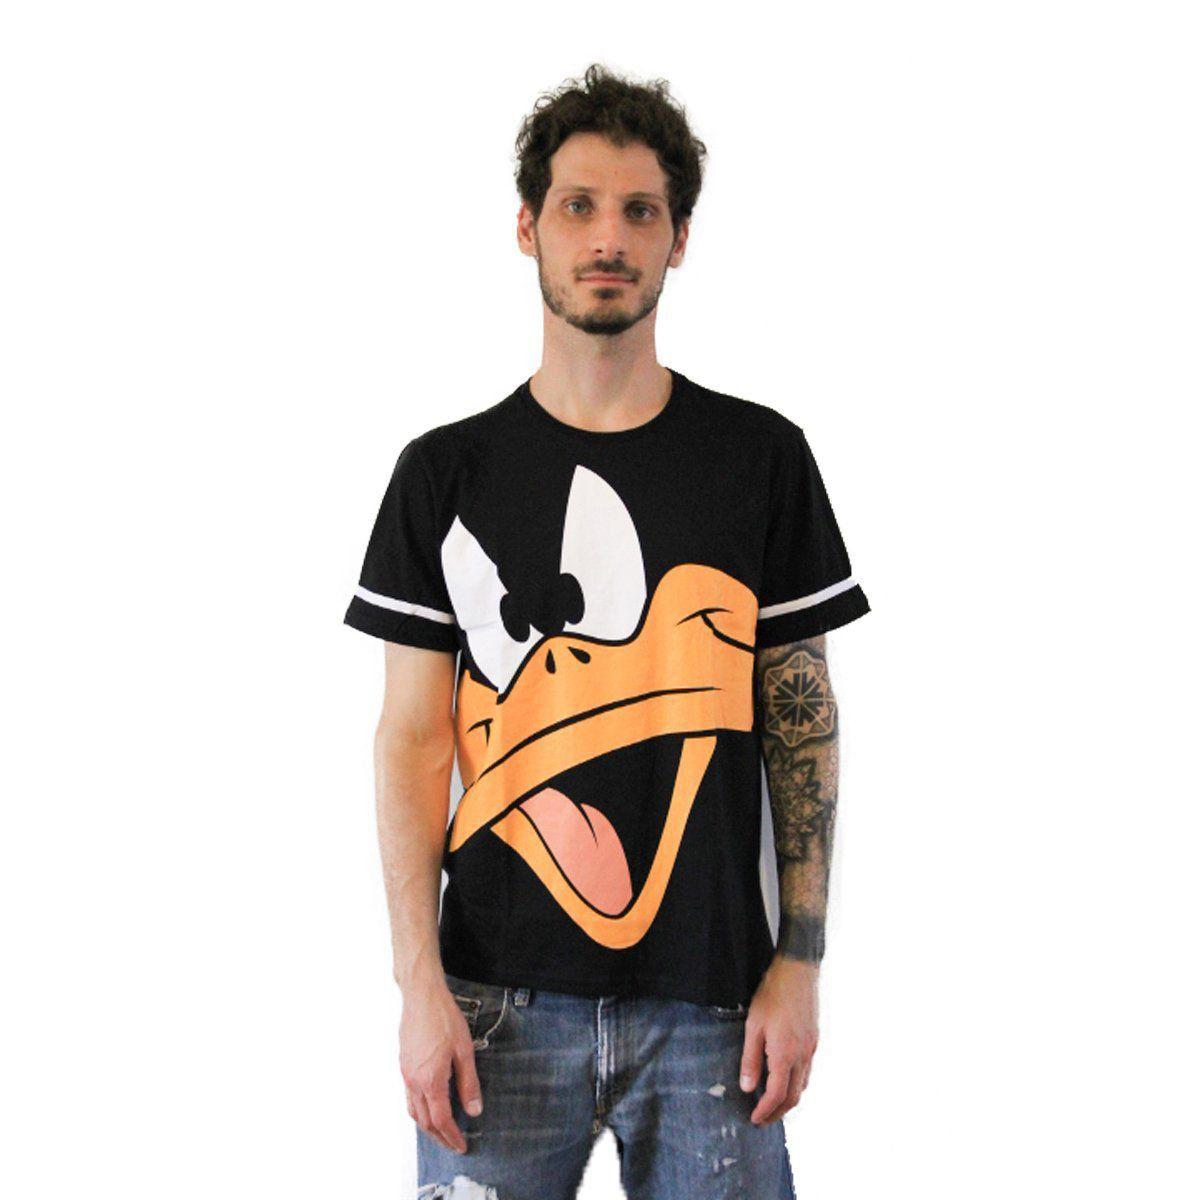 Camiseta Unissex Patolino Face Oficial  - bandUP Store Marketplace